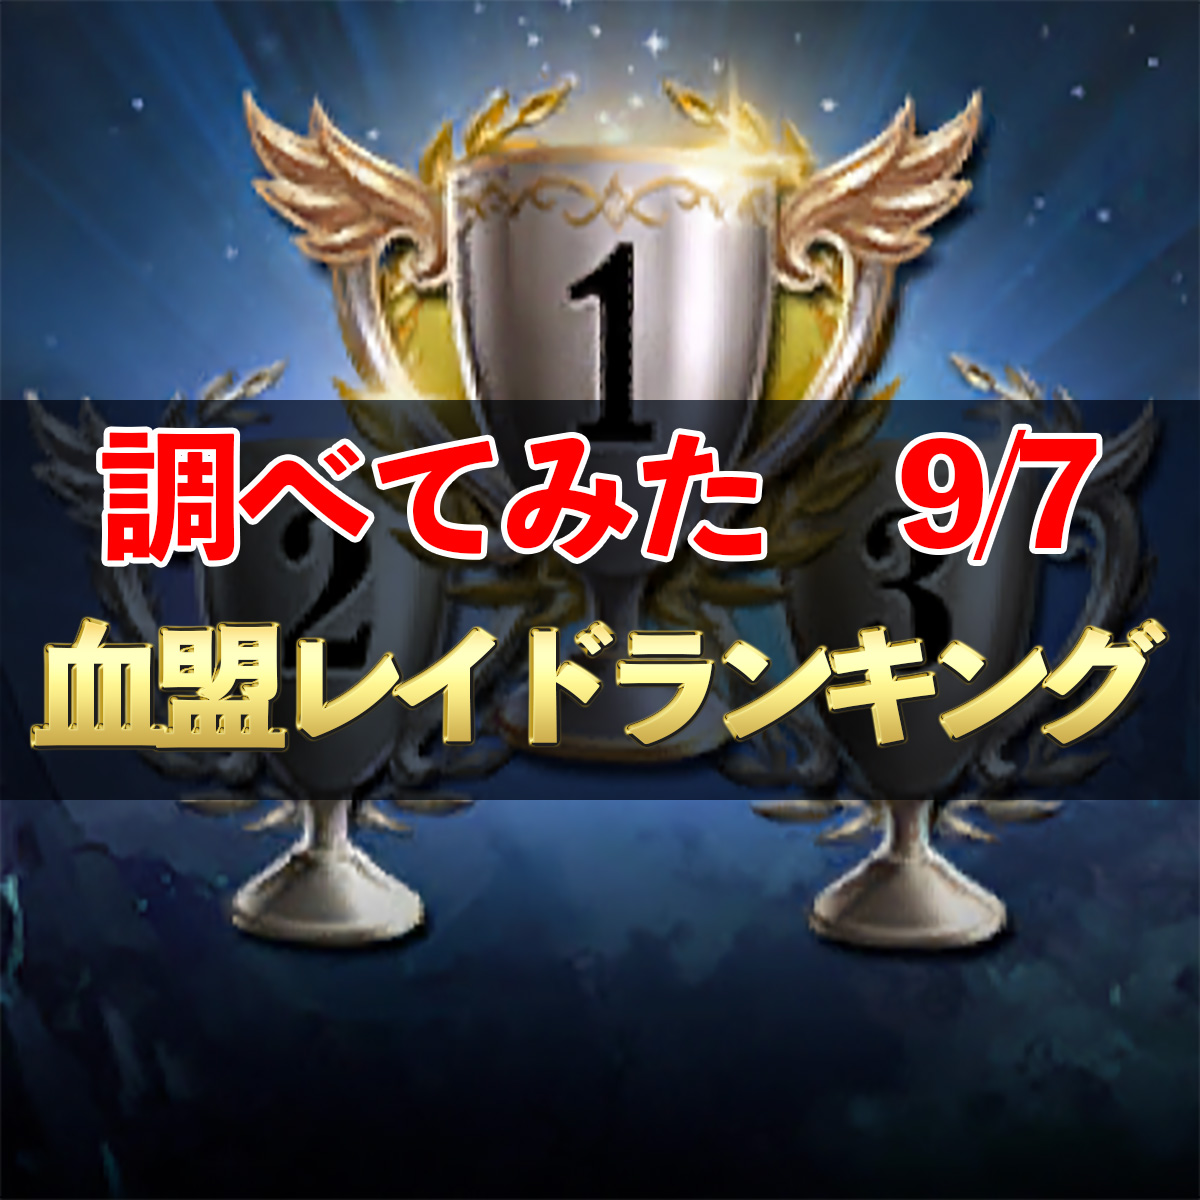 【リネレボ】血盟レイドランキング 詳しく調べてみた 9/7